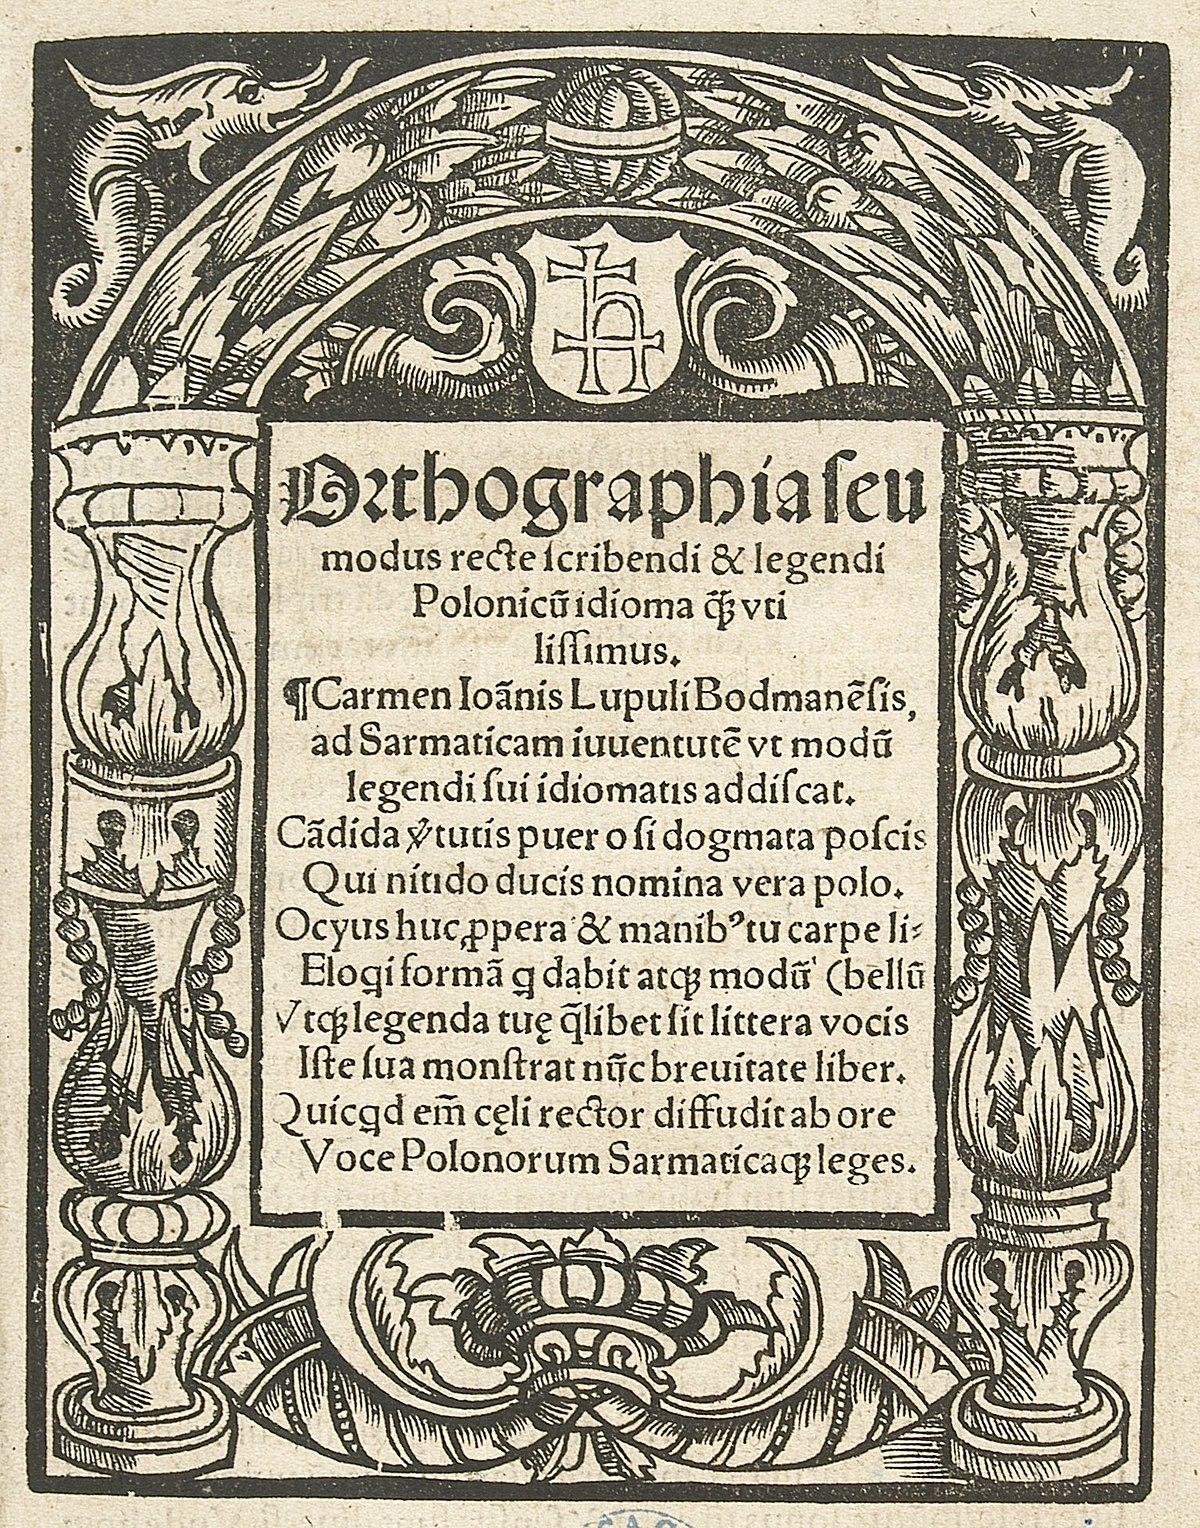 Historia Ortografii Polskiej Wikipedia Wolna Encyklopedia